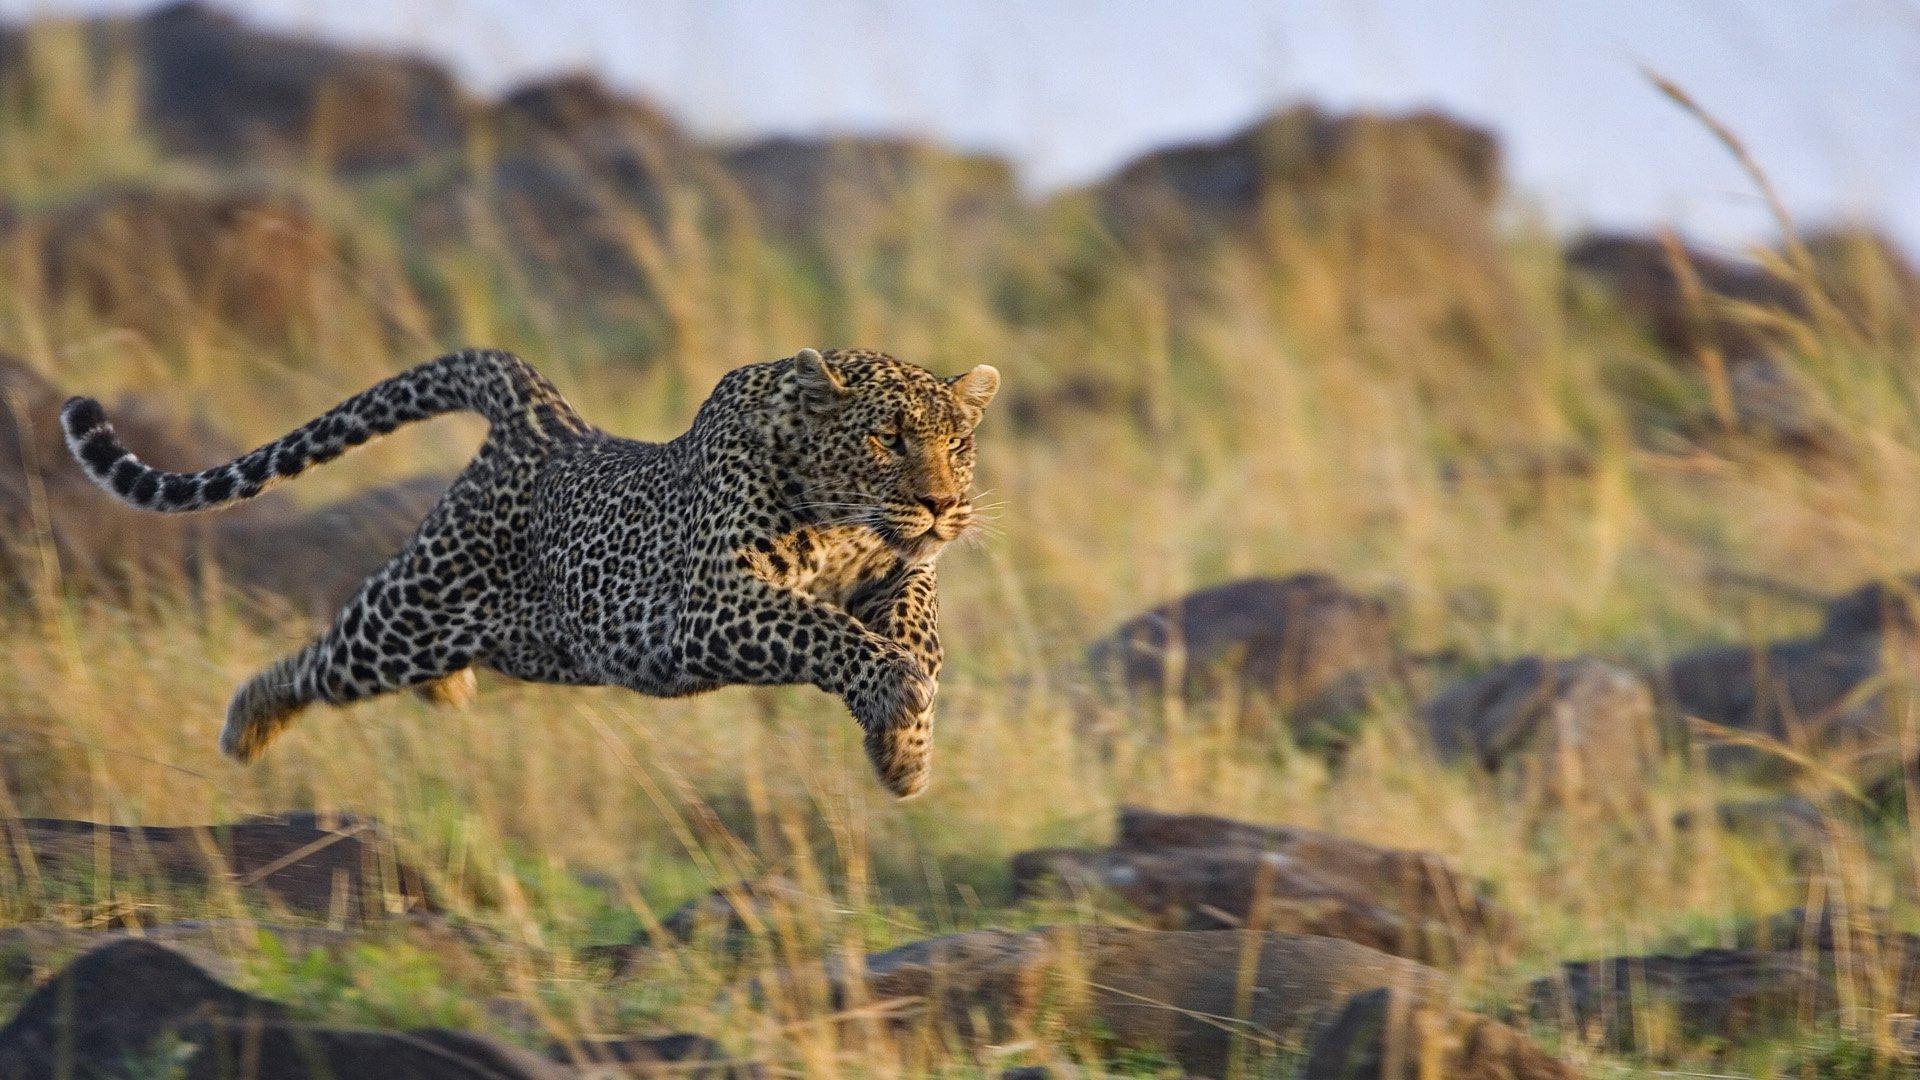 Running Cheetah HD wallpaper